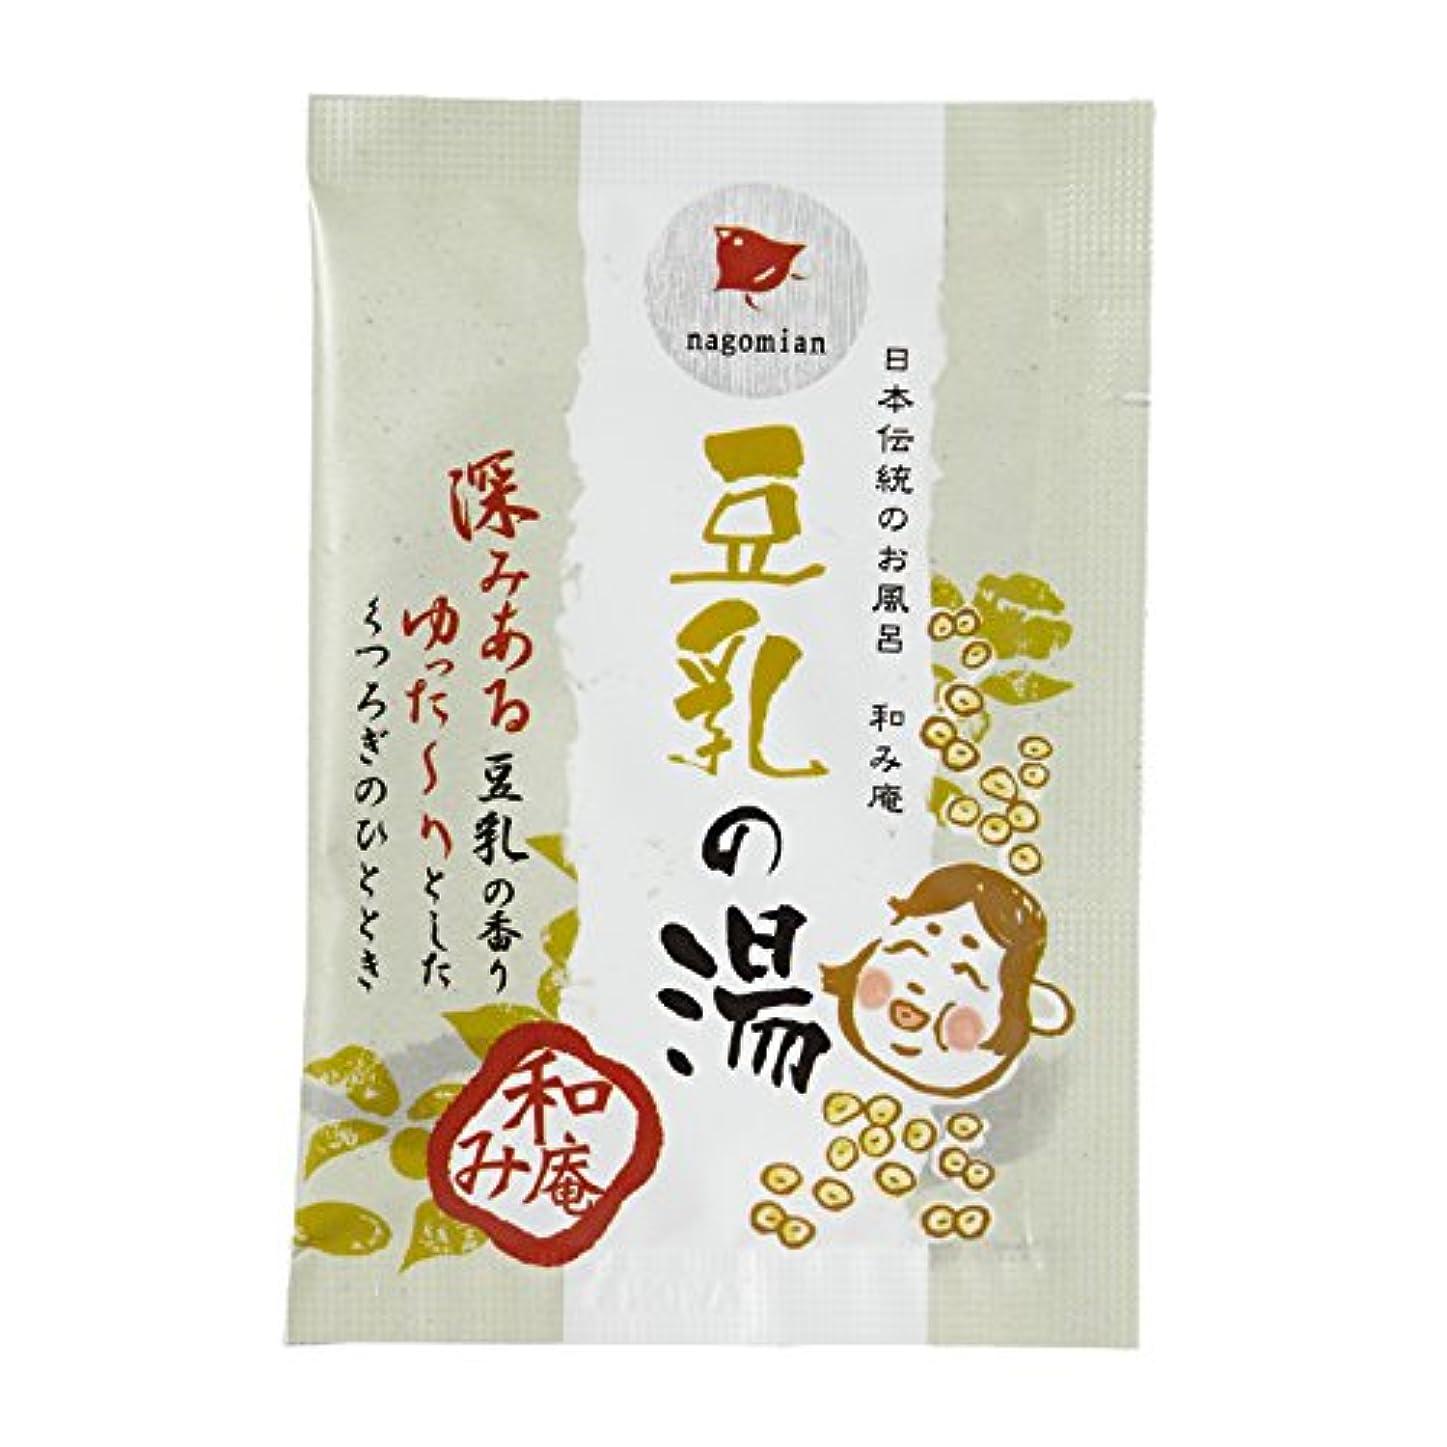 和み庵 豆乳の湯 25g 40個